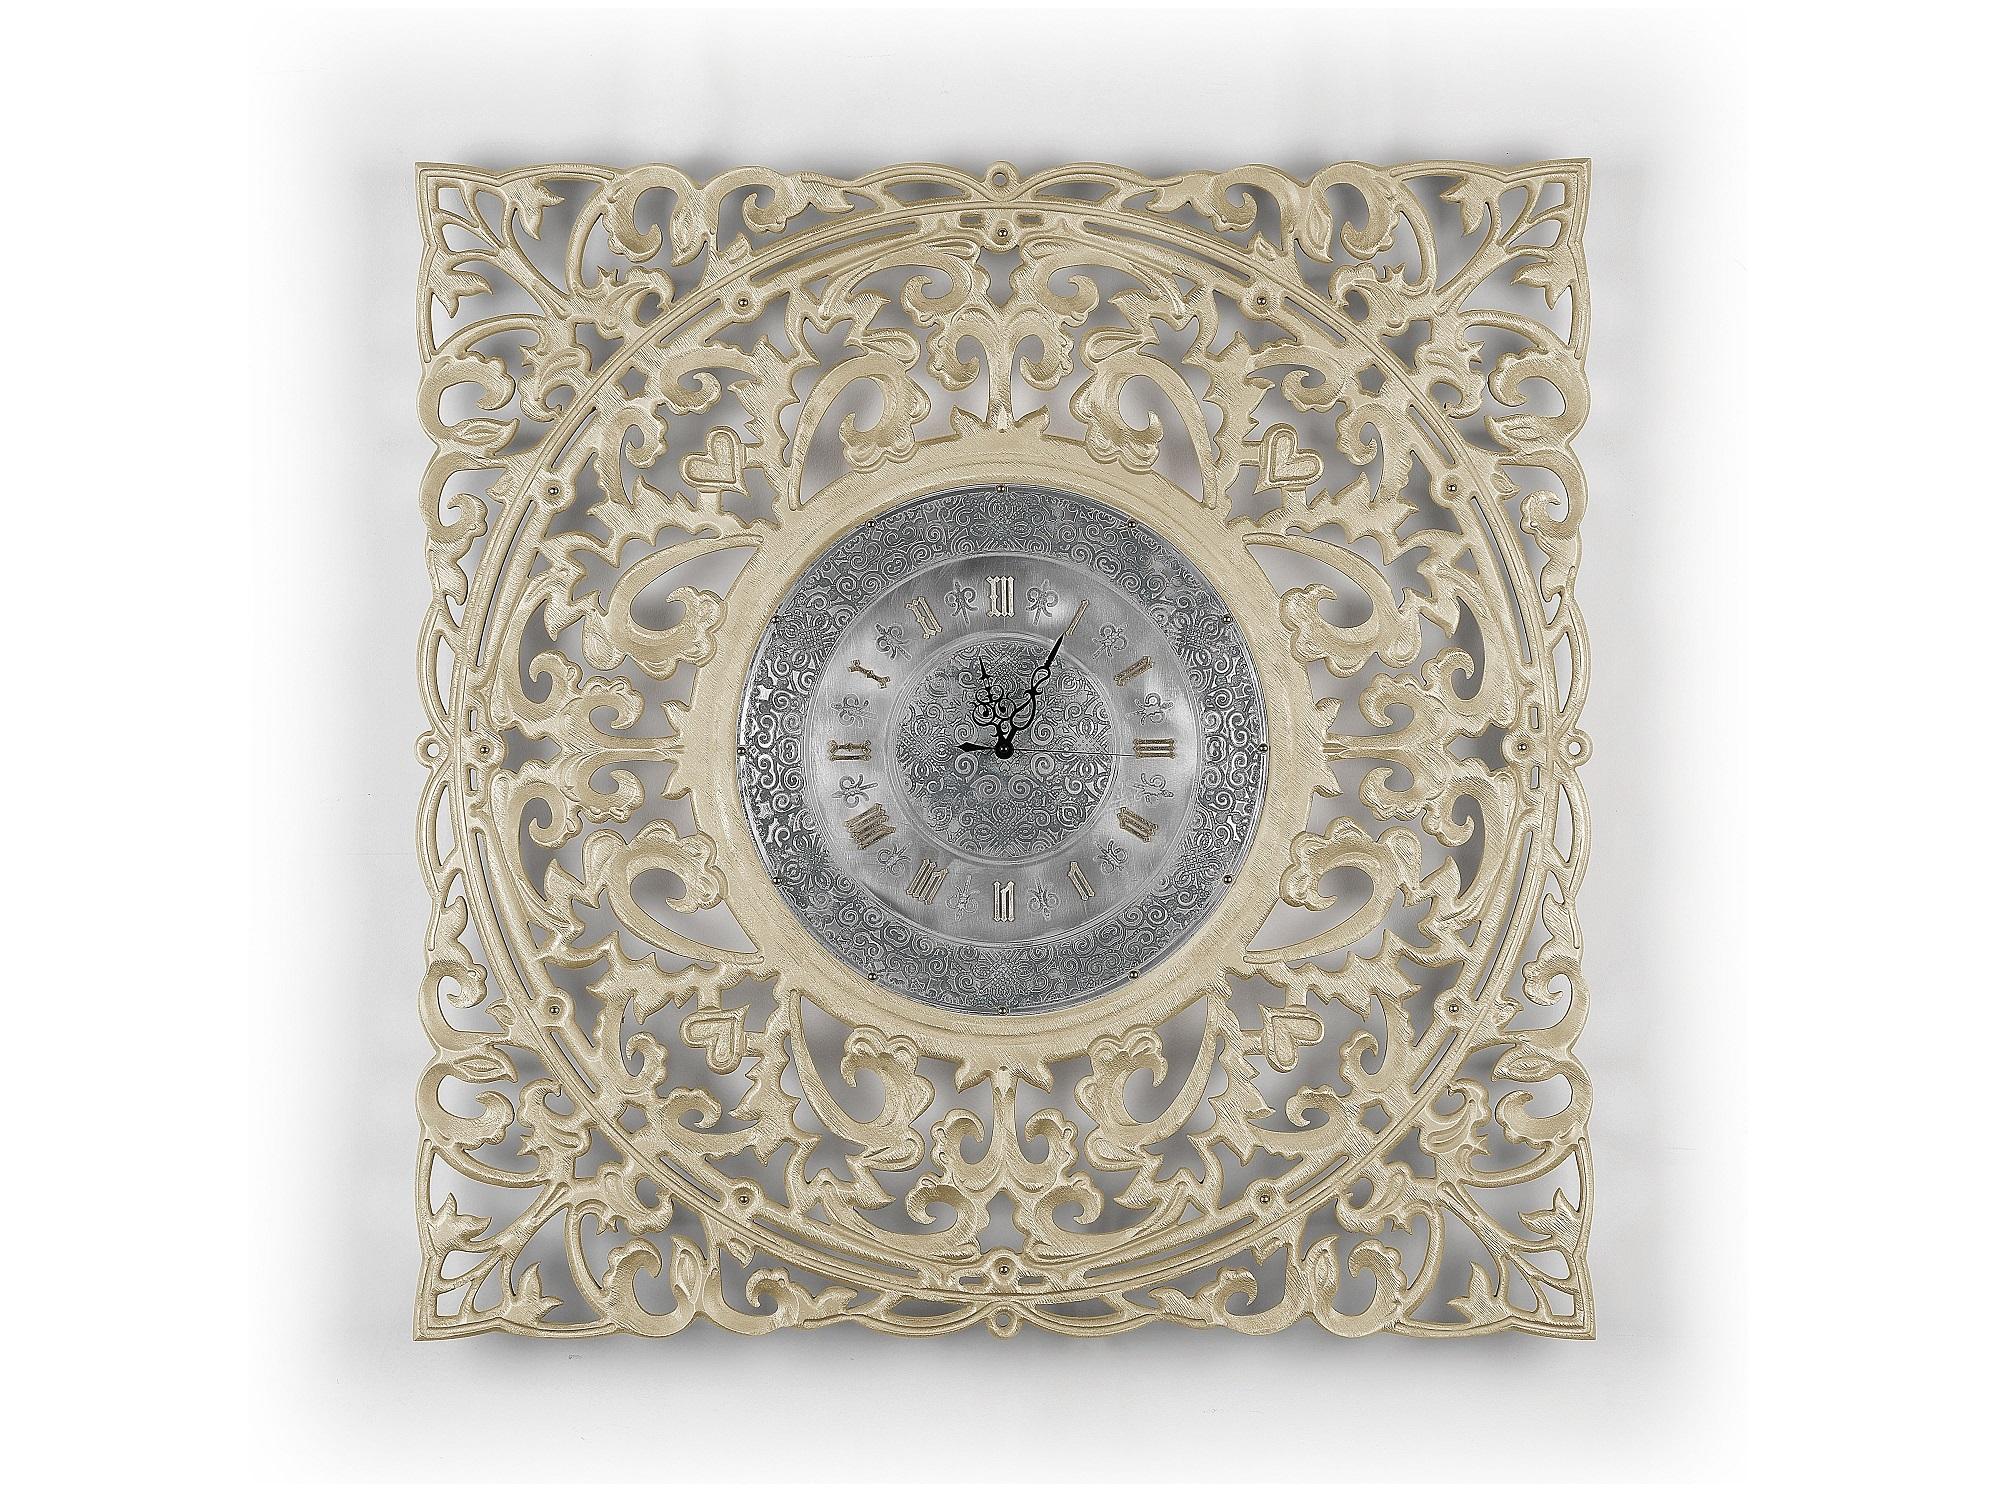 Часы VintageНастенные часы<br>Часы оснащены встроенной светодиодной подсветкой.&amp;nbsp;Циферблат выполнен из алюминия.&amp;nbsp;Кварцевый механизм.Возможны варианты с другими размерами без изменения цены.&amp;nbsp;<br><br>kit: None<br>gender: None